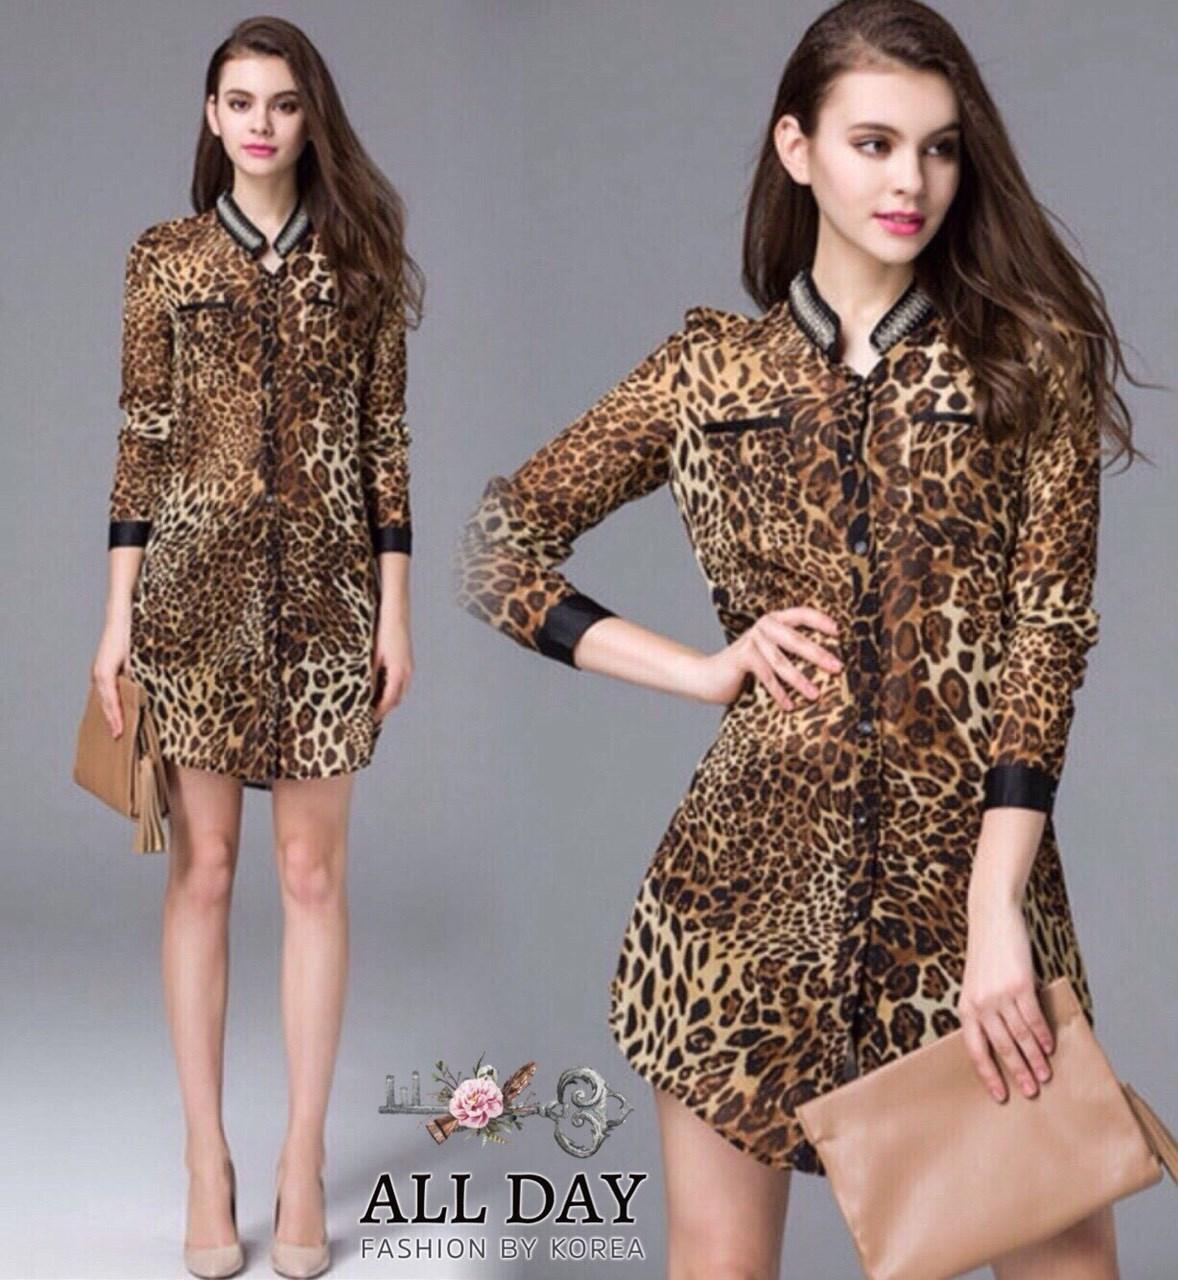 เสื้อเชิ้ตผ้าจอร์เจียพิมพ์ลายเสือดาว ใส่เป็นเสื้อตัวยาว หรือคนตัวเล็กใส่เป็นเดรสสั้นได้ค่ะ